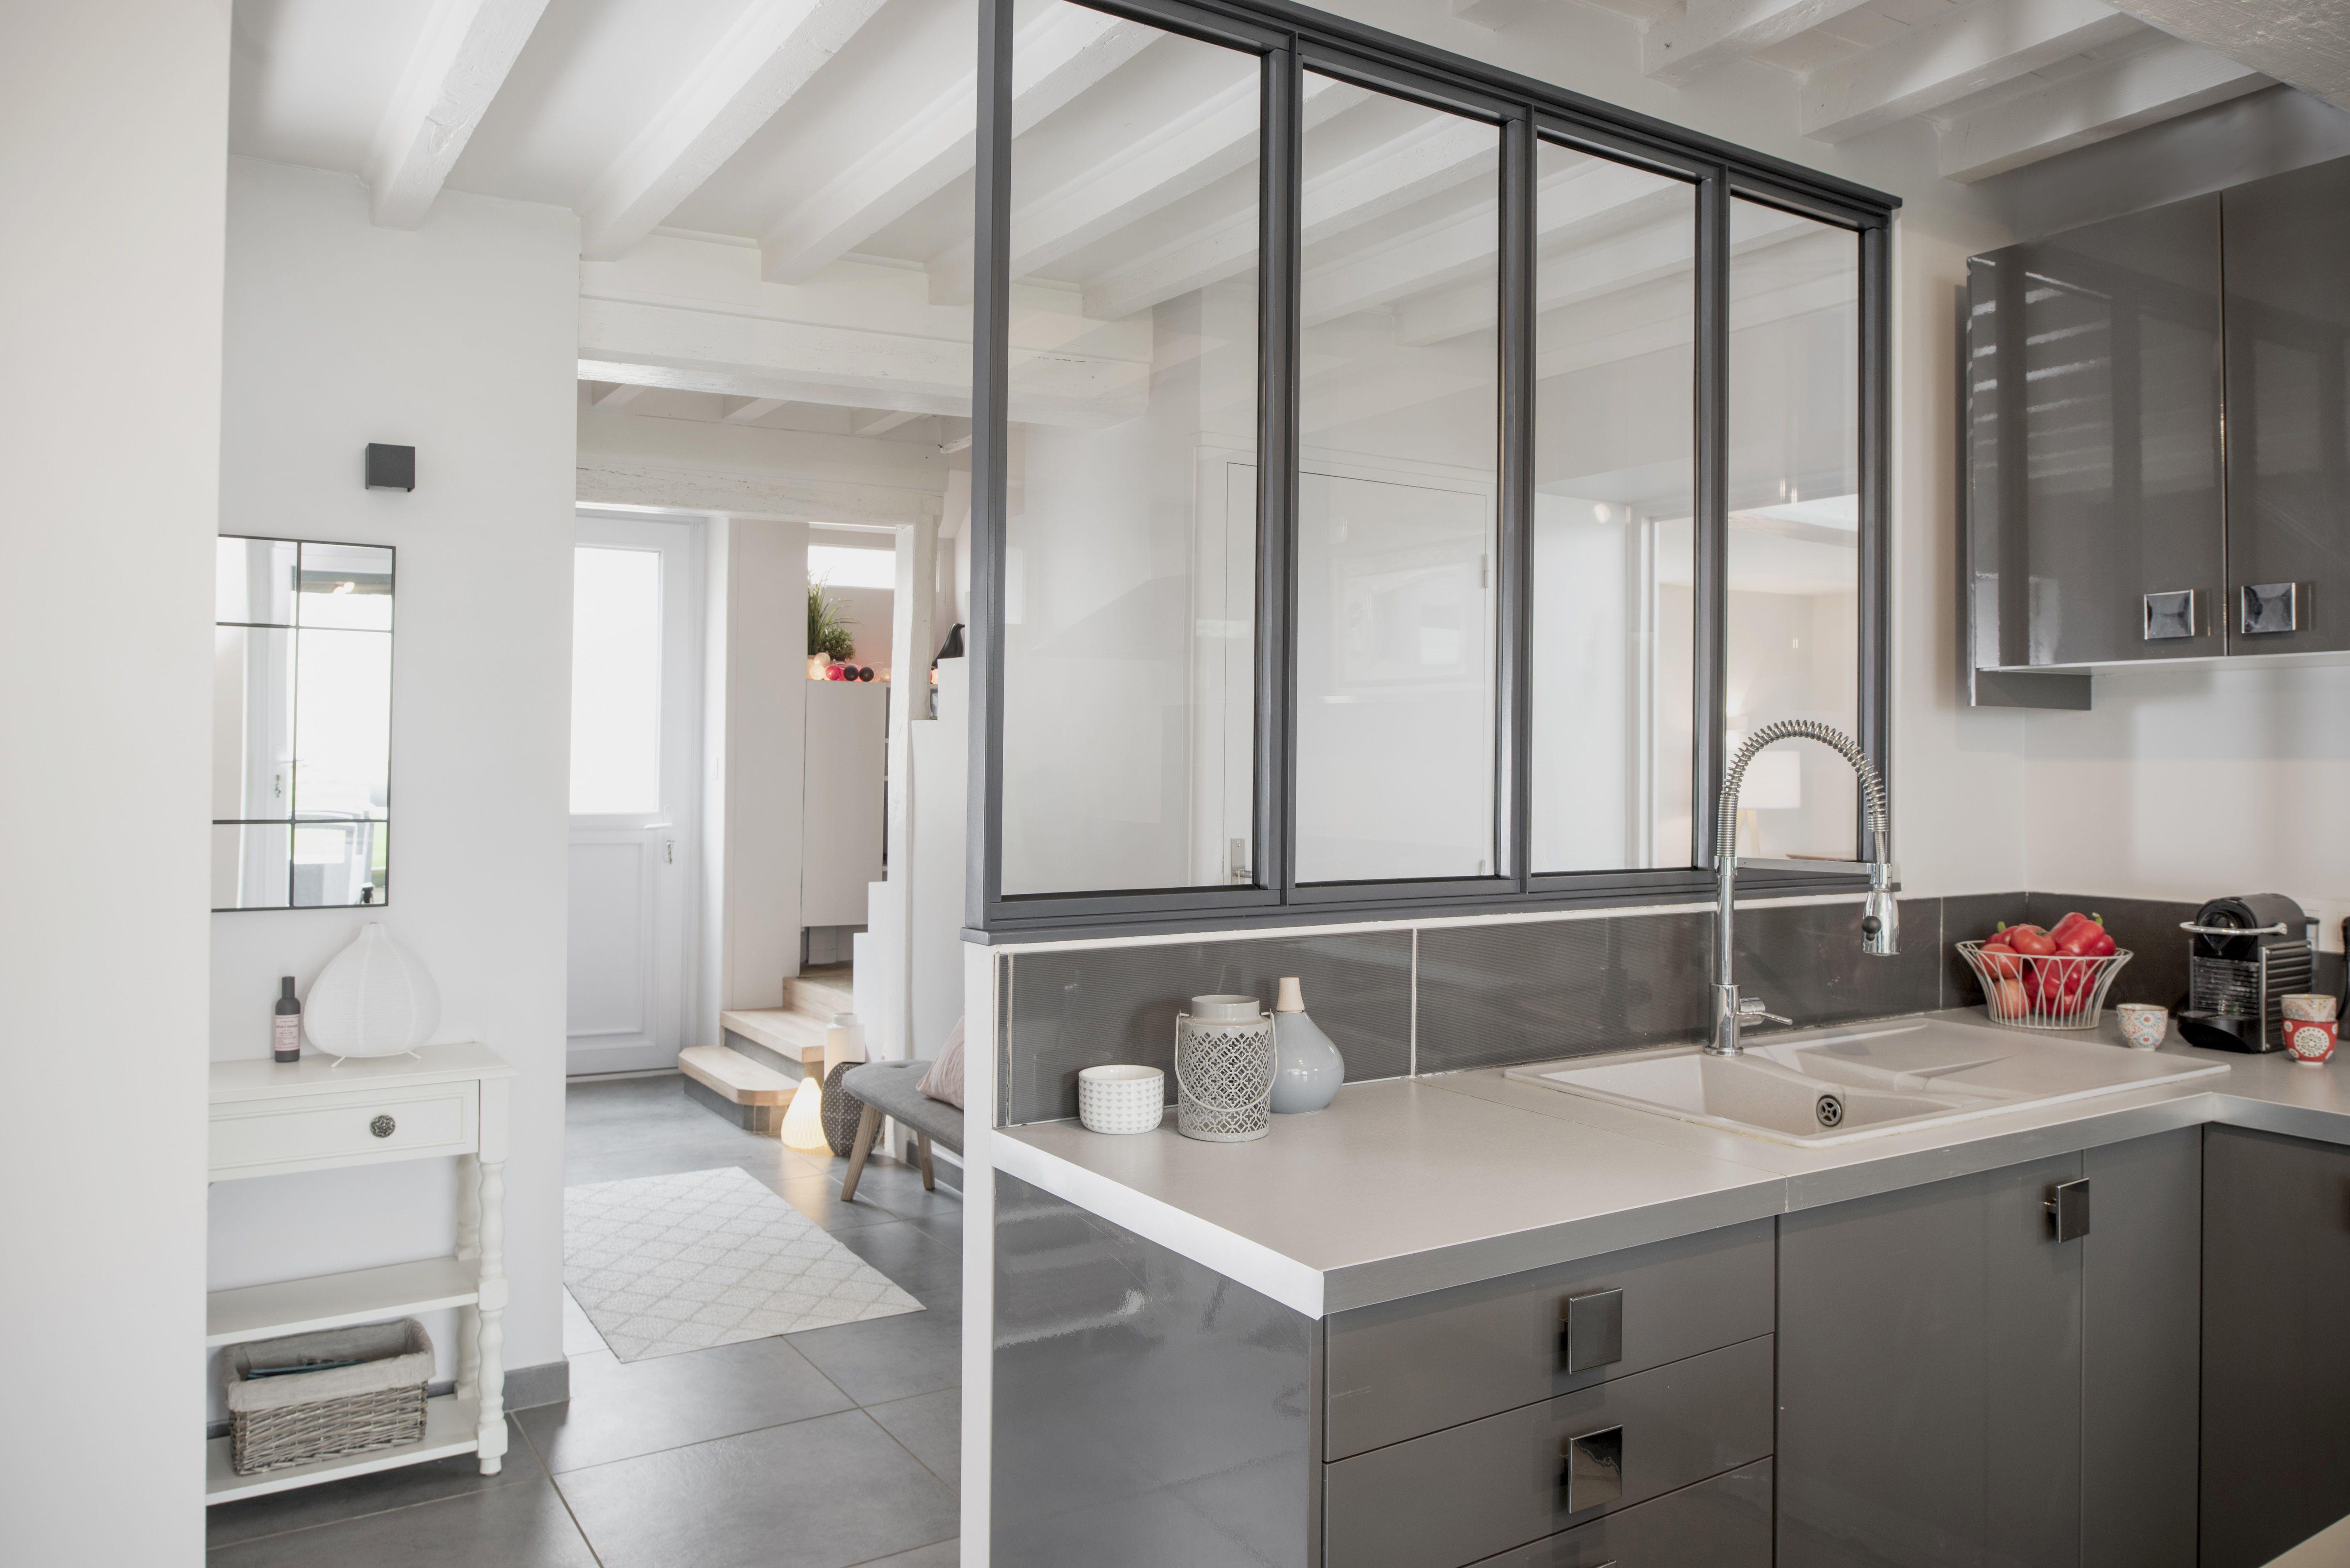 Cuisine avec verrière ouverte sur entrée dans une maison familiale rénovée par larchitecte d